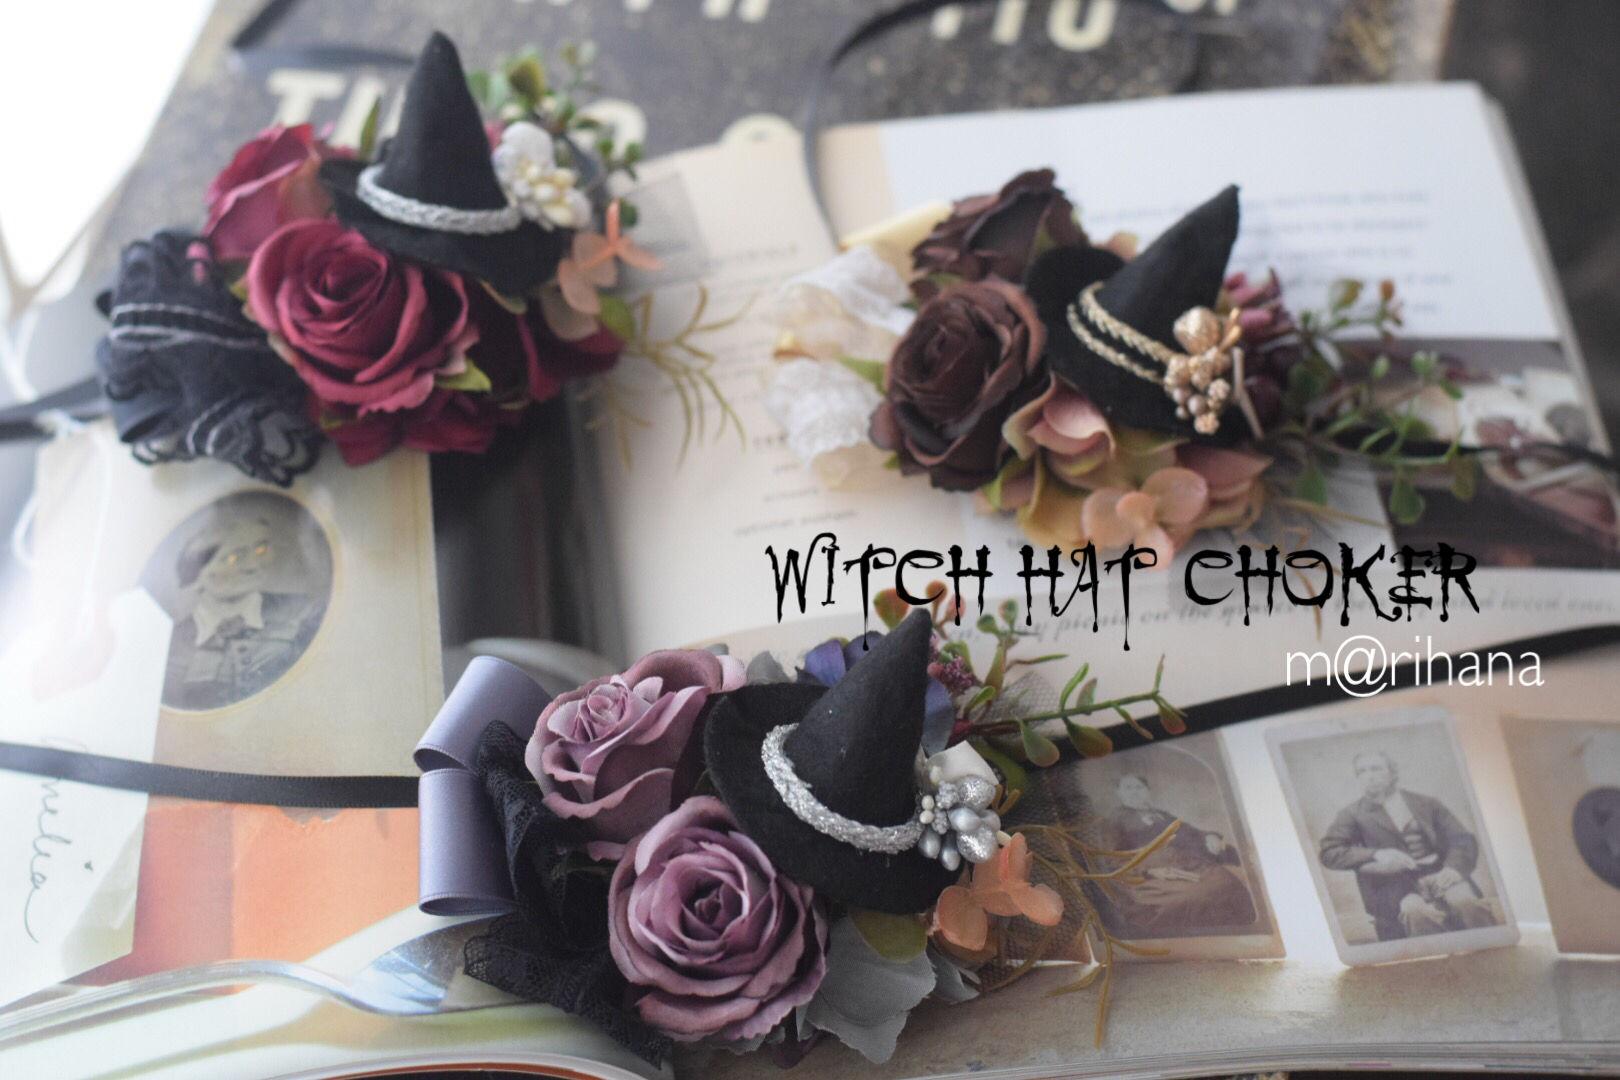 【ご予約】Witchi. hat??チョーカー